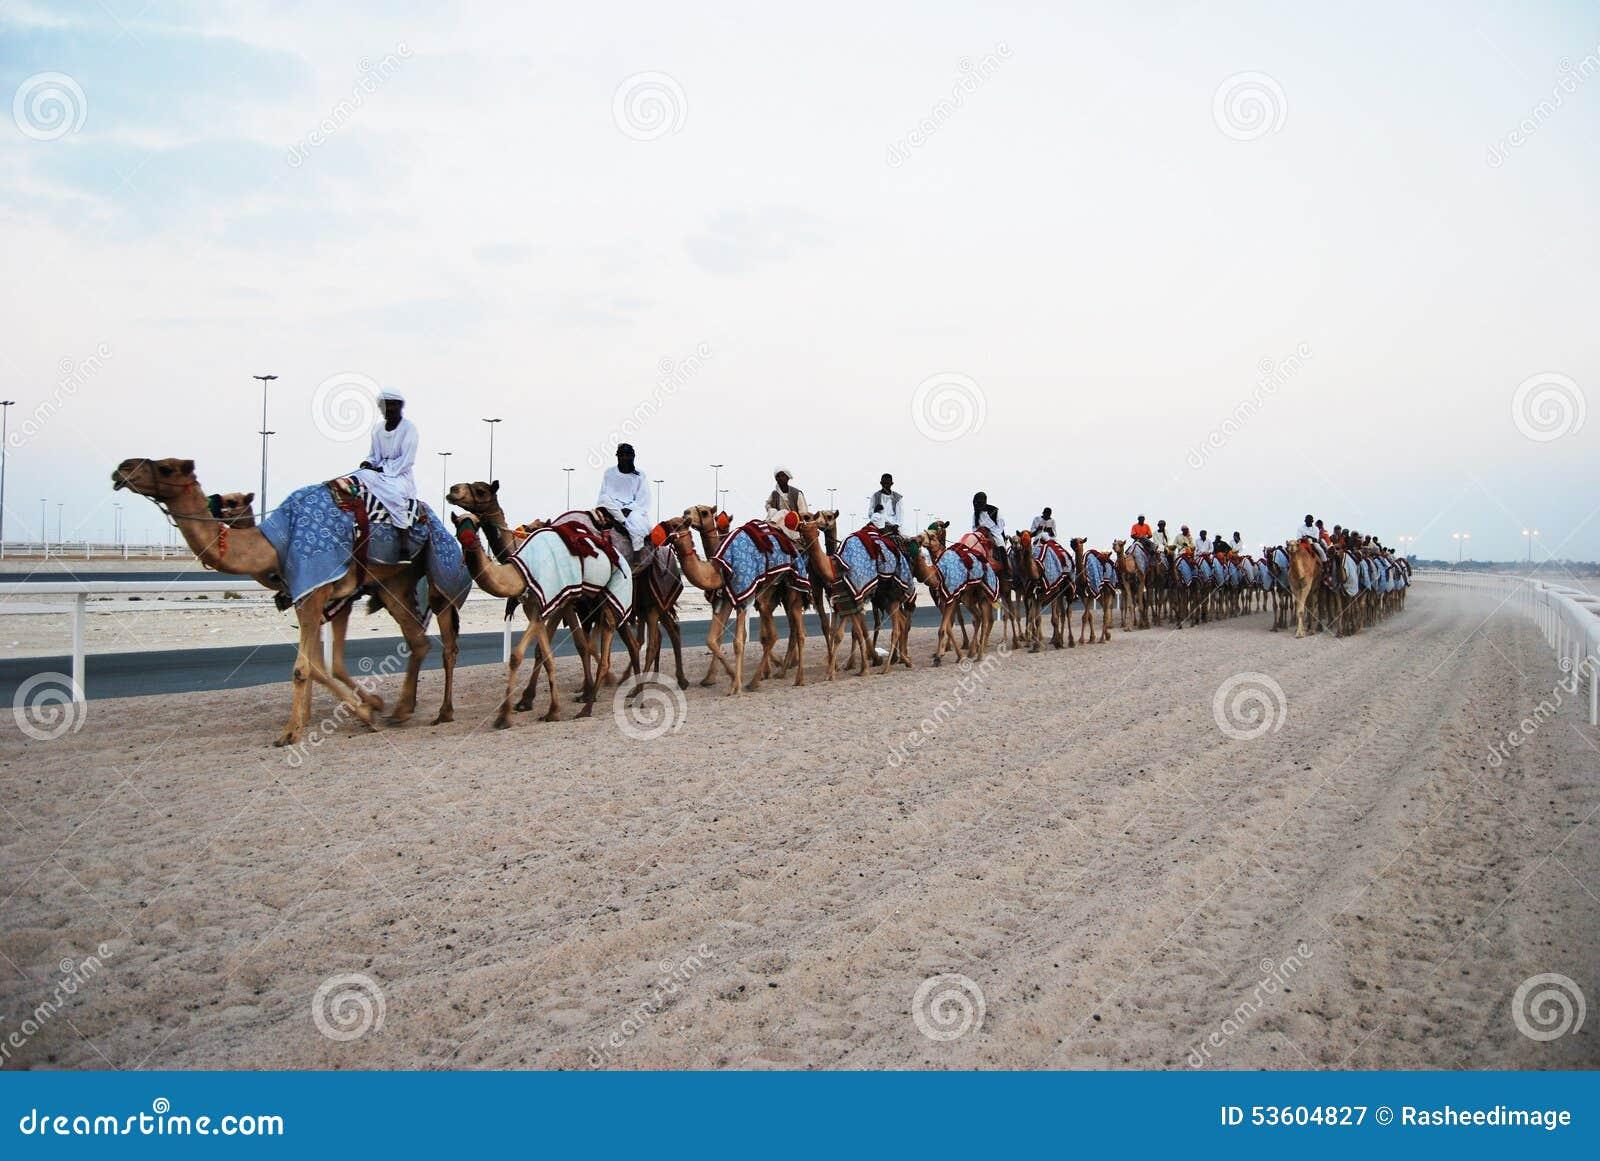 Kamelrennen, Doha, Katar